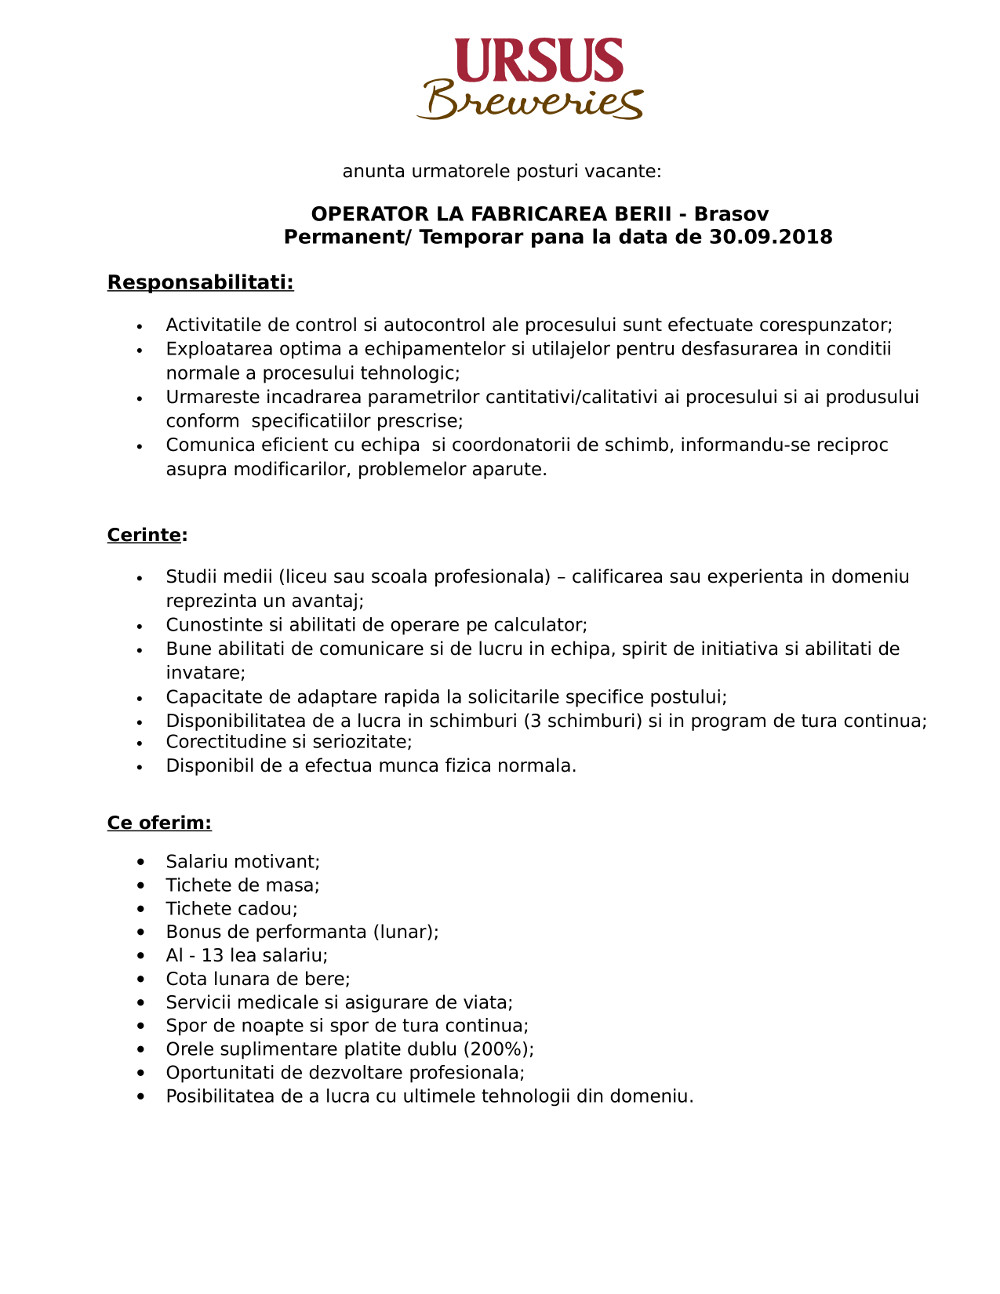 Operator la Fabricarea Berii - Brasov - permanent - temporar